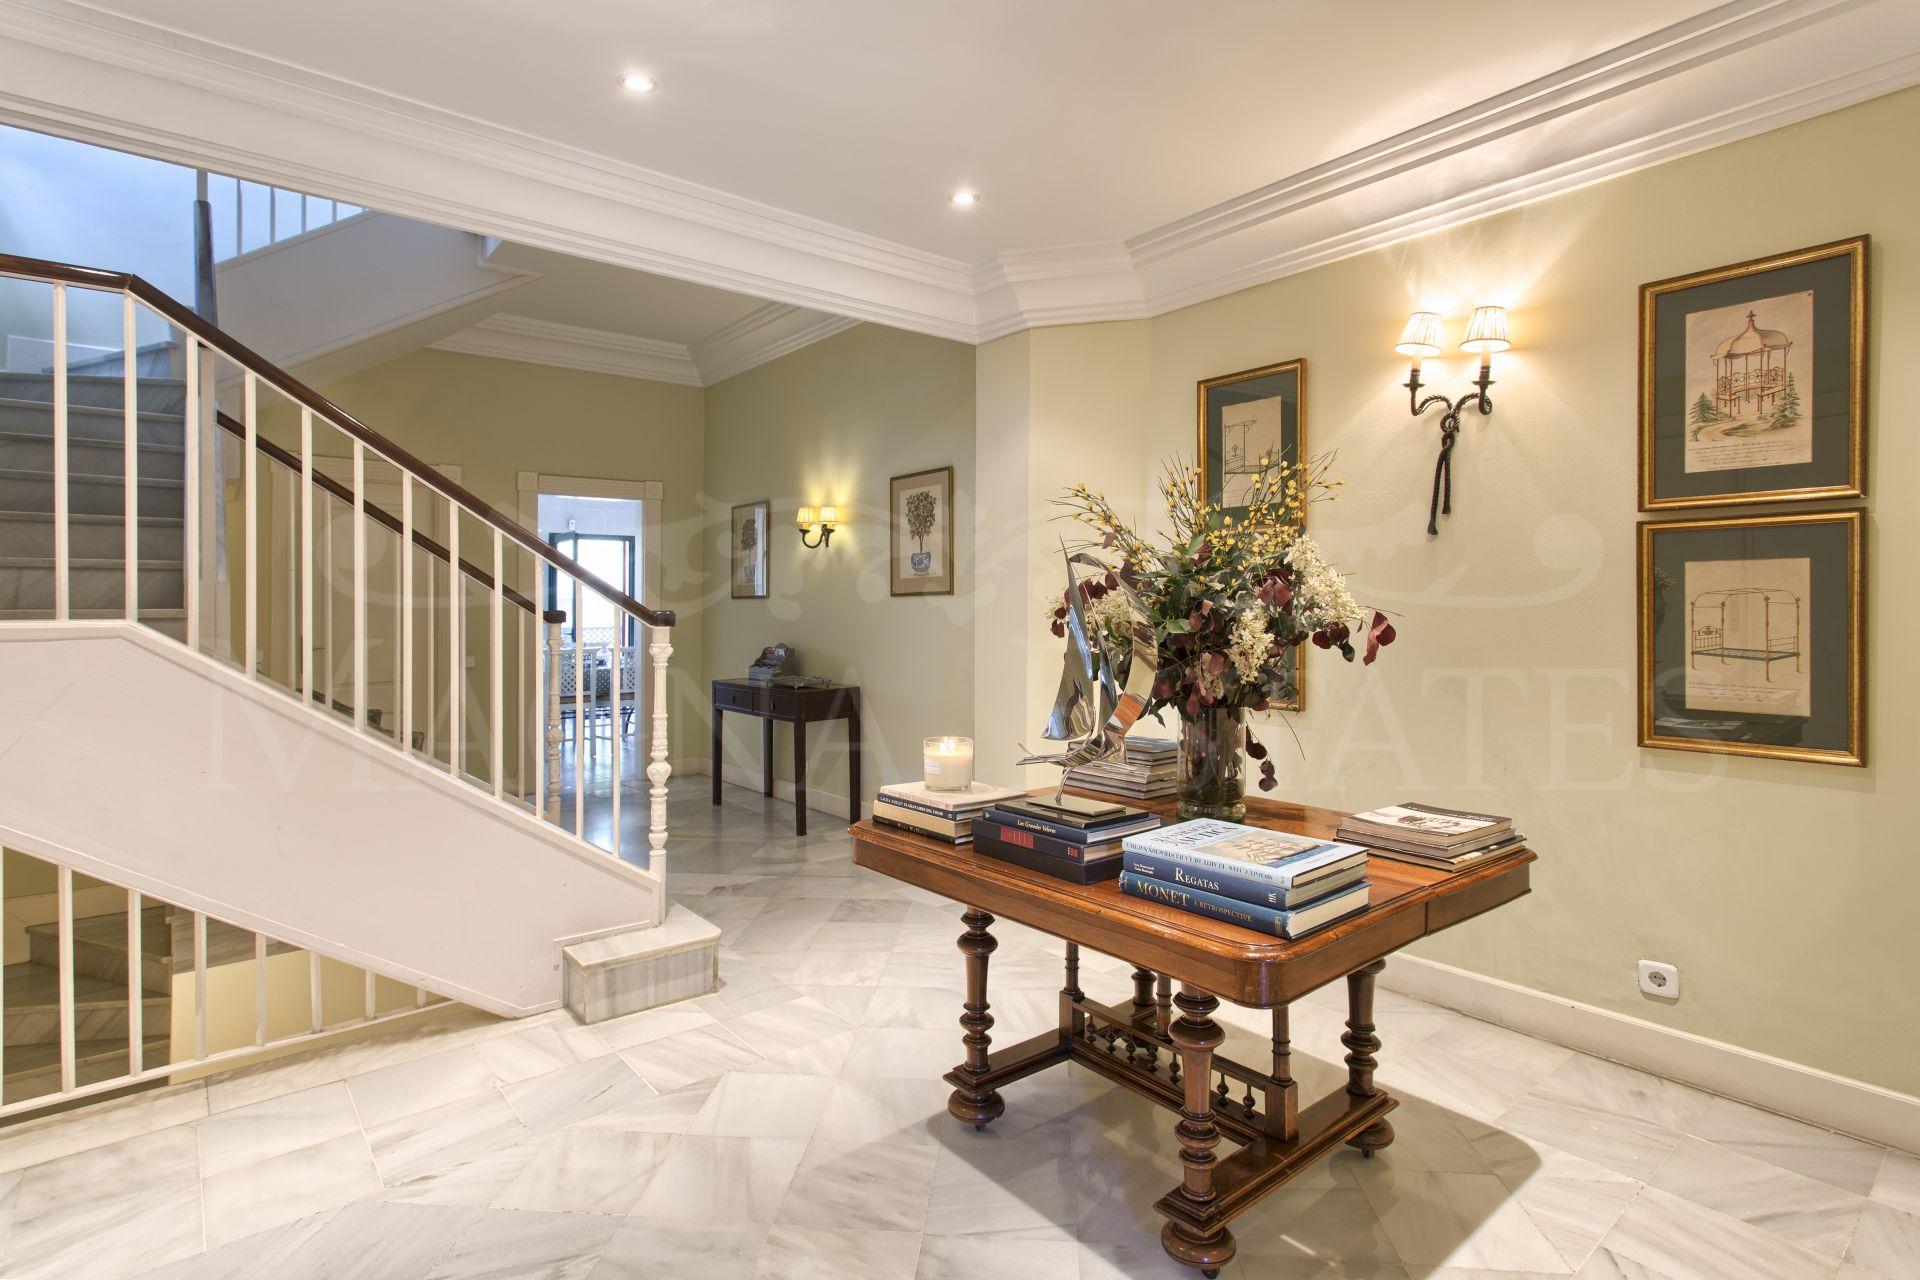 Villa señorial en Altos de Puente Romano, en plena Milla de Oro de Marbella